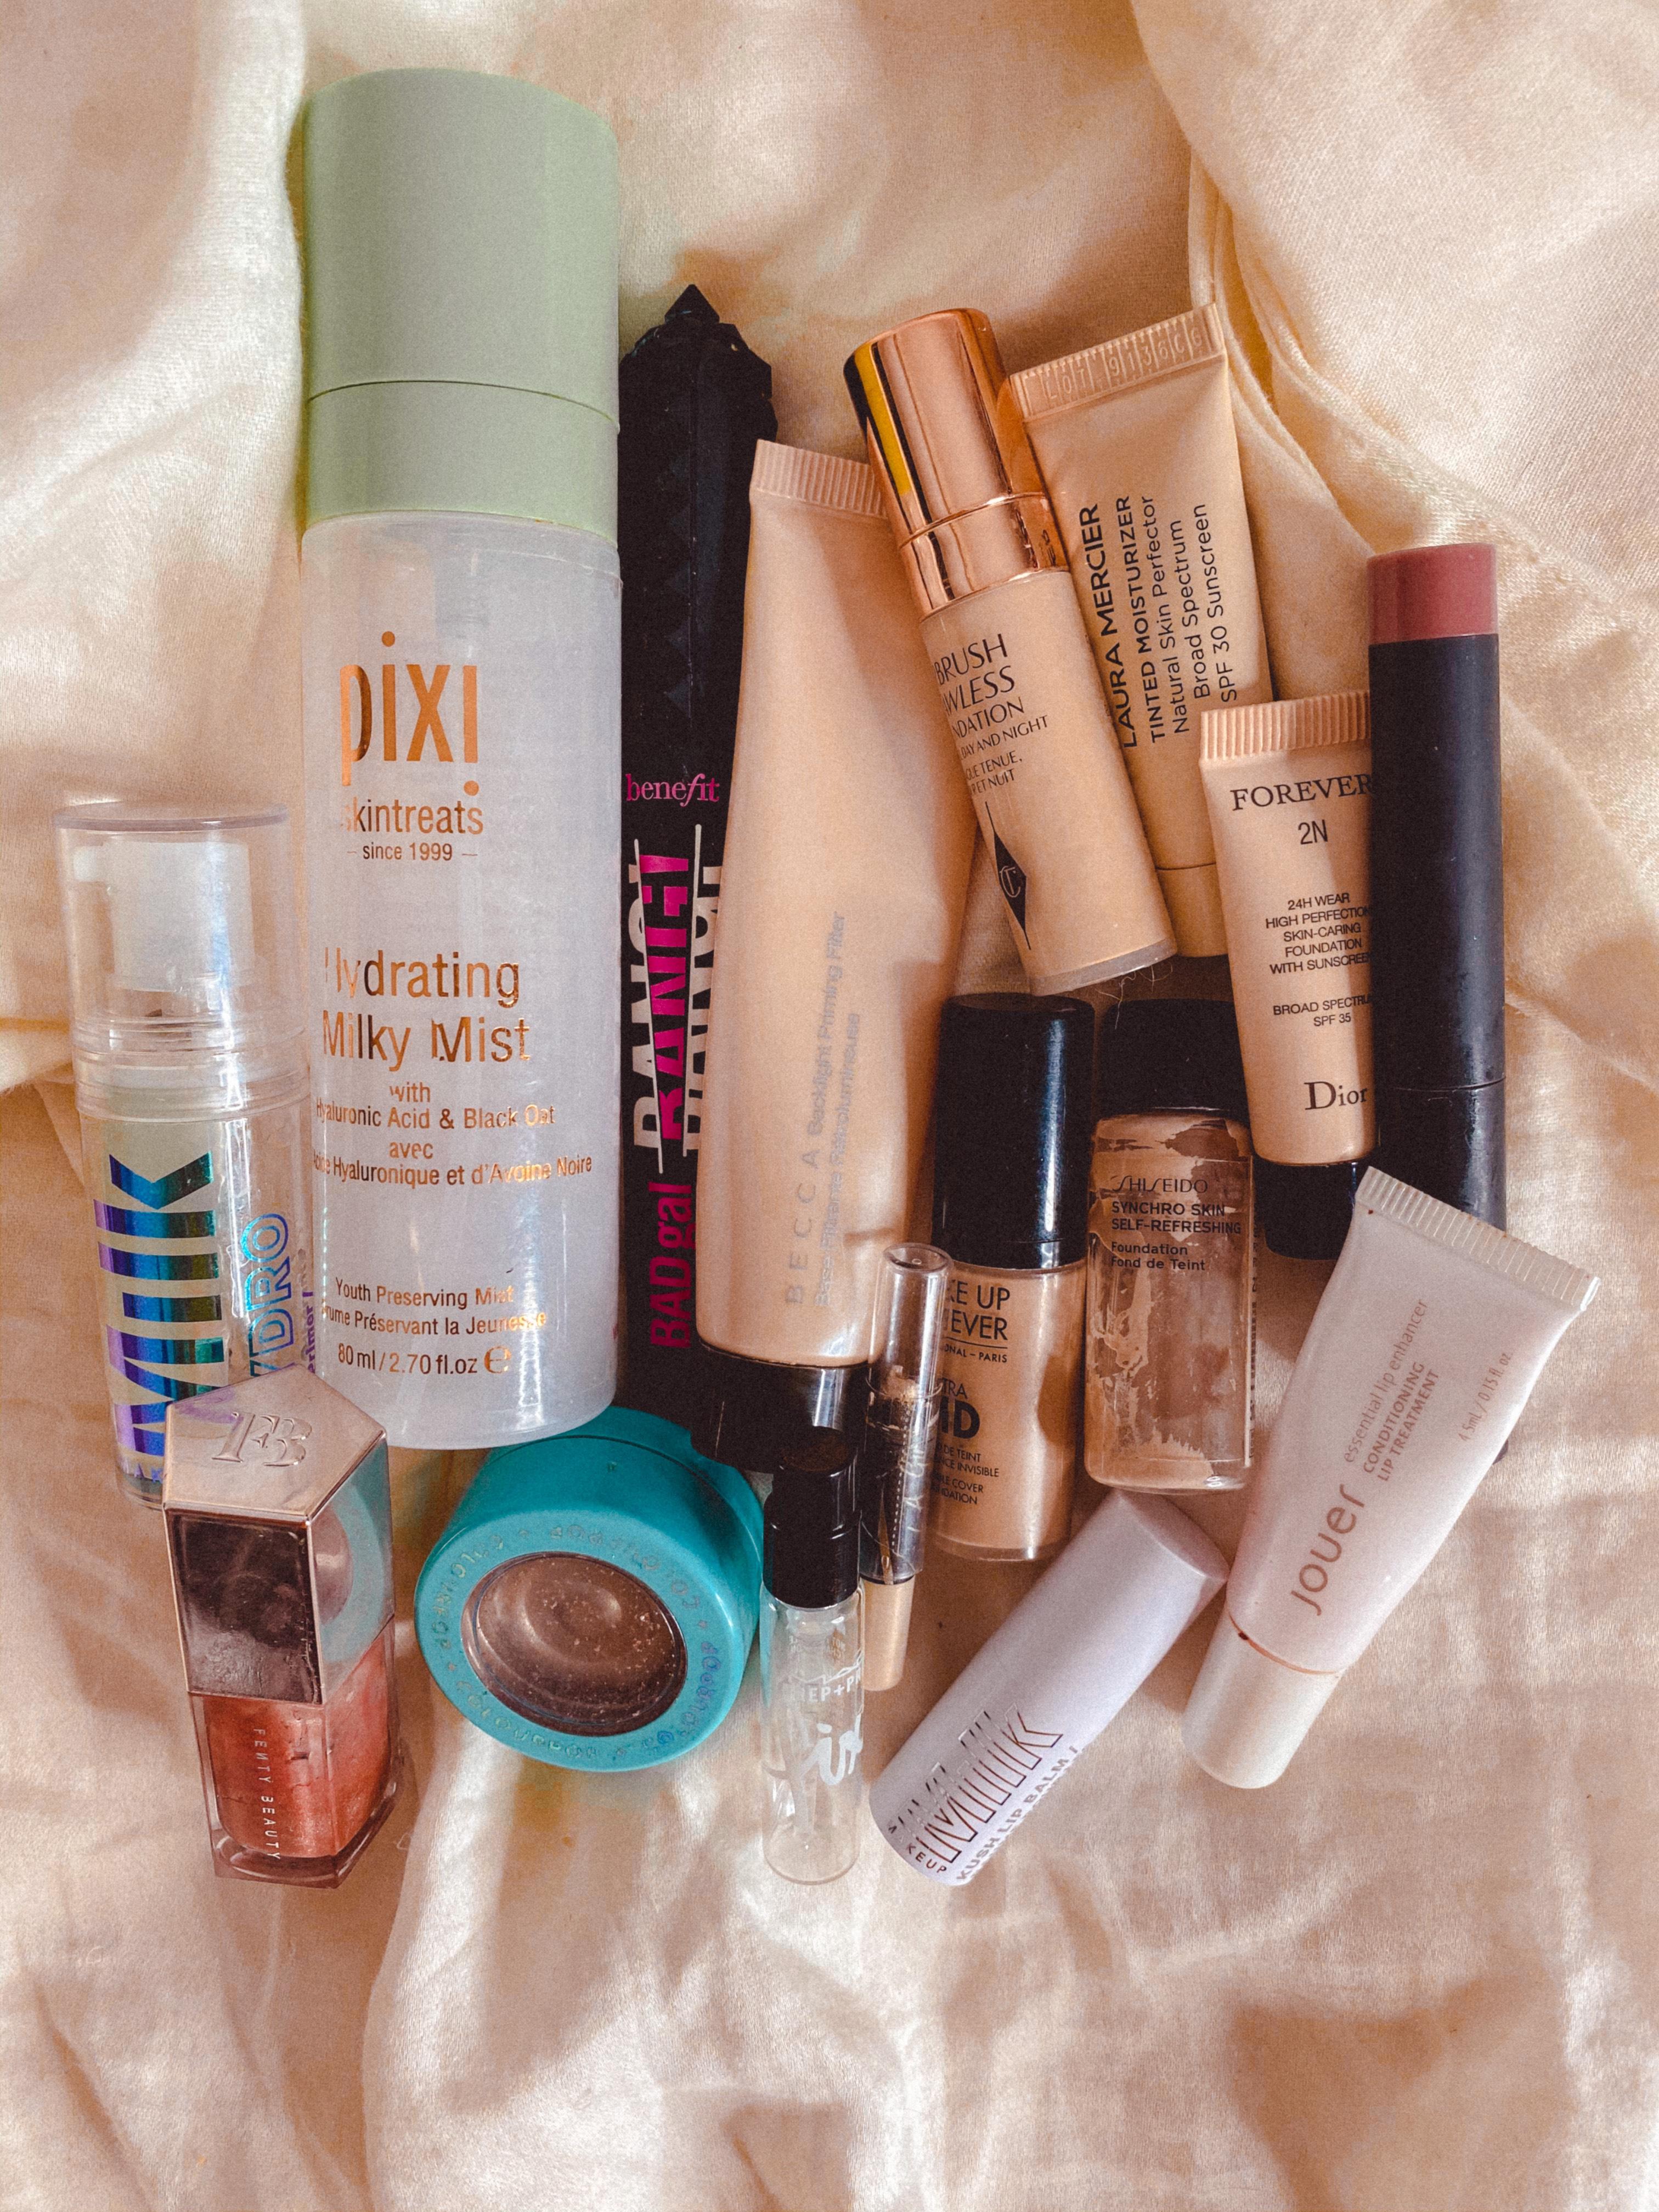 Summer 2020 Makeup Empties Roundup